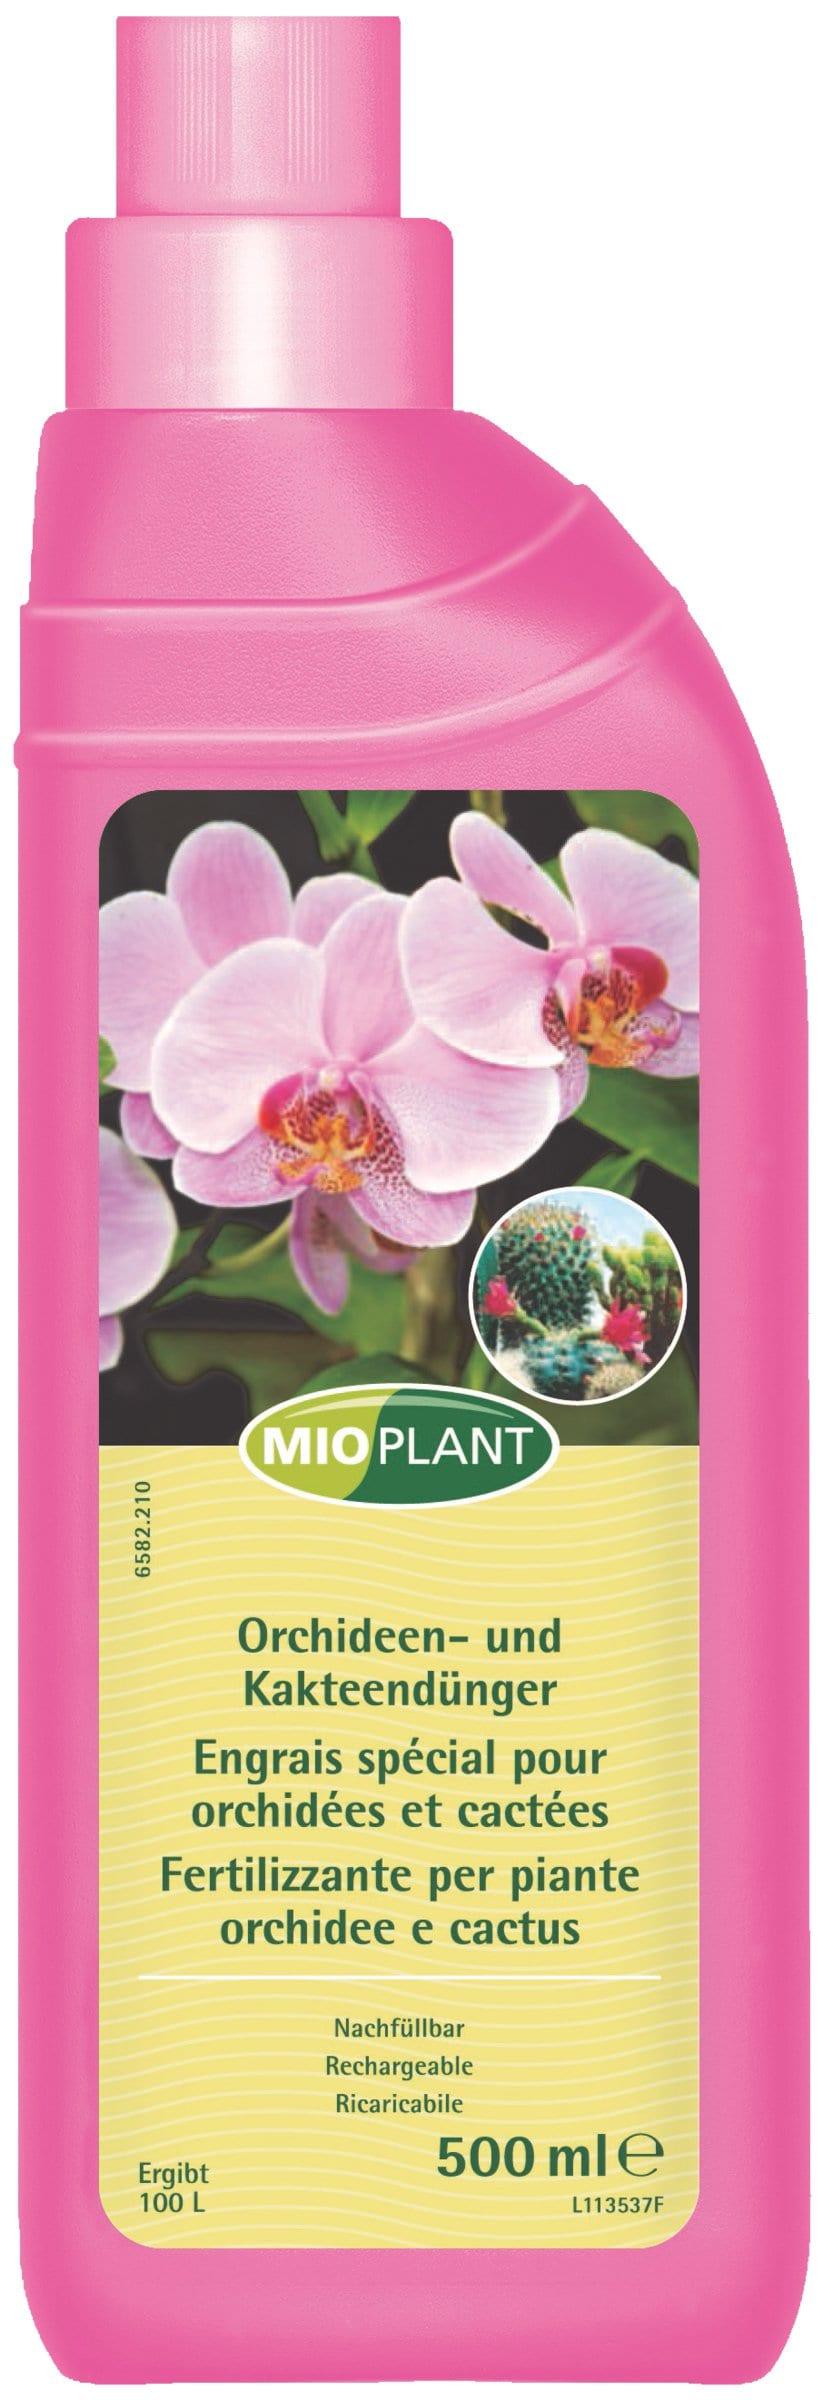 Mioplant Orchideen- und Kakteendünger, 500 ml